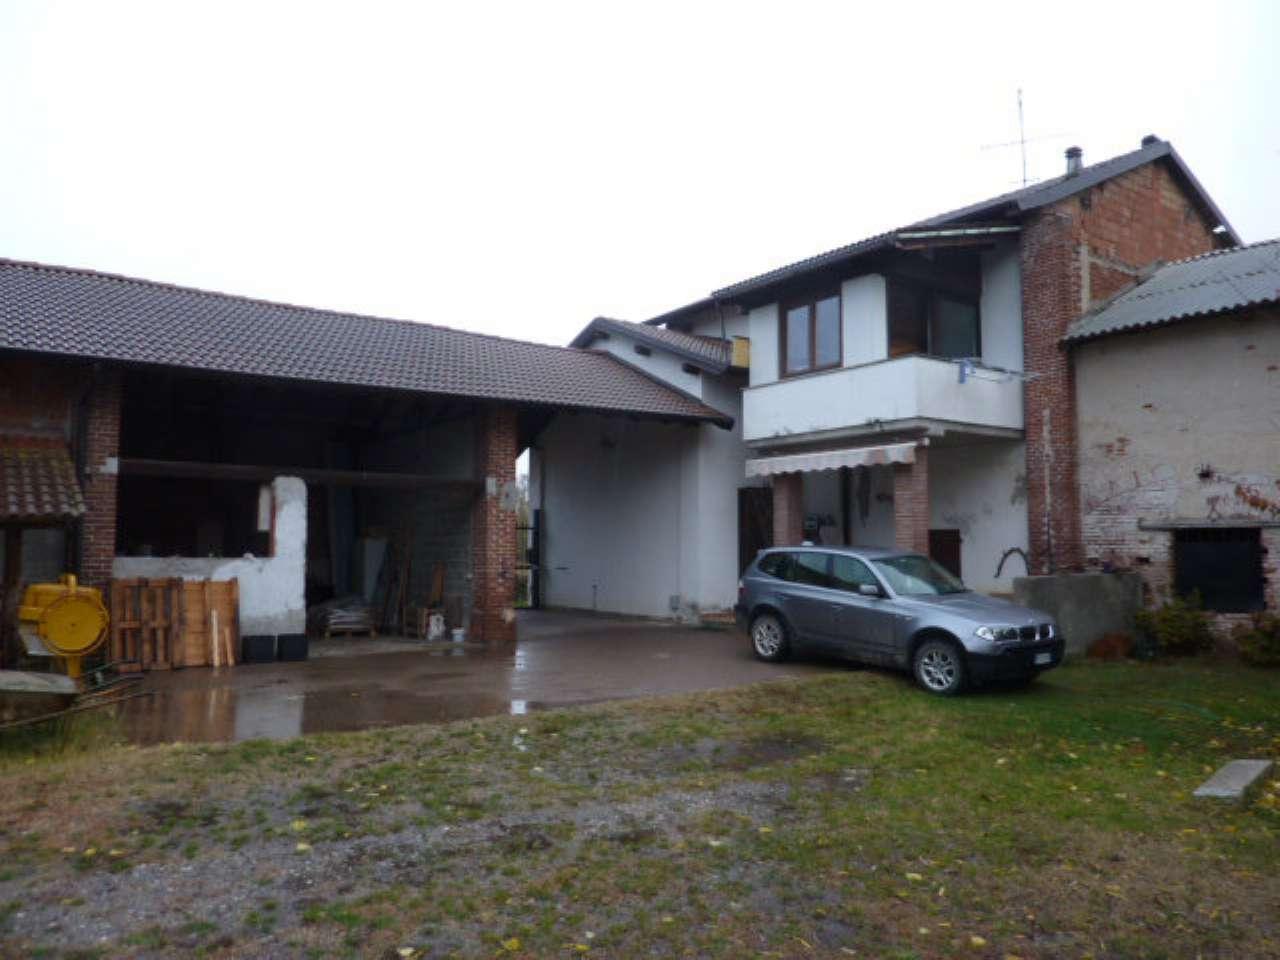 Rustico / Casale in vendita a Vigevano, 6 locali, prezzo € 189.000 | CambioCasa.it